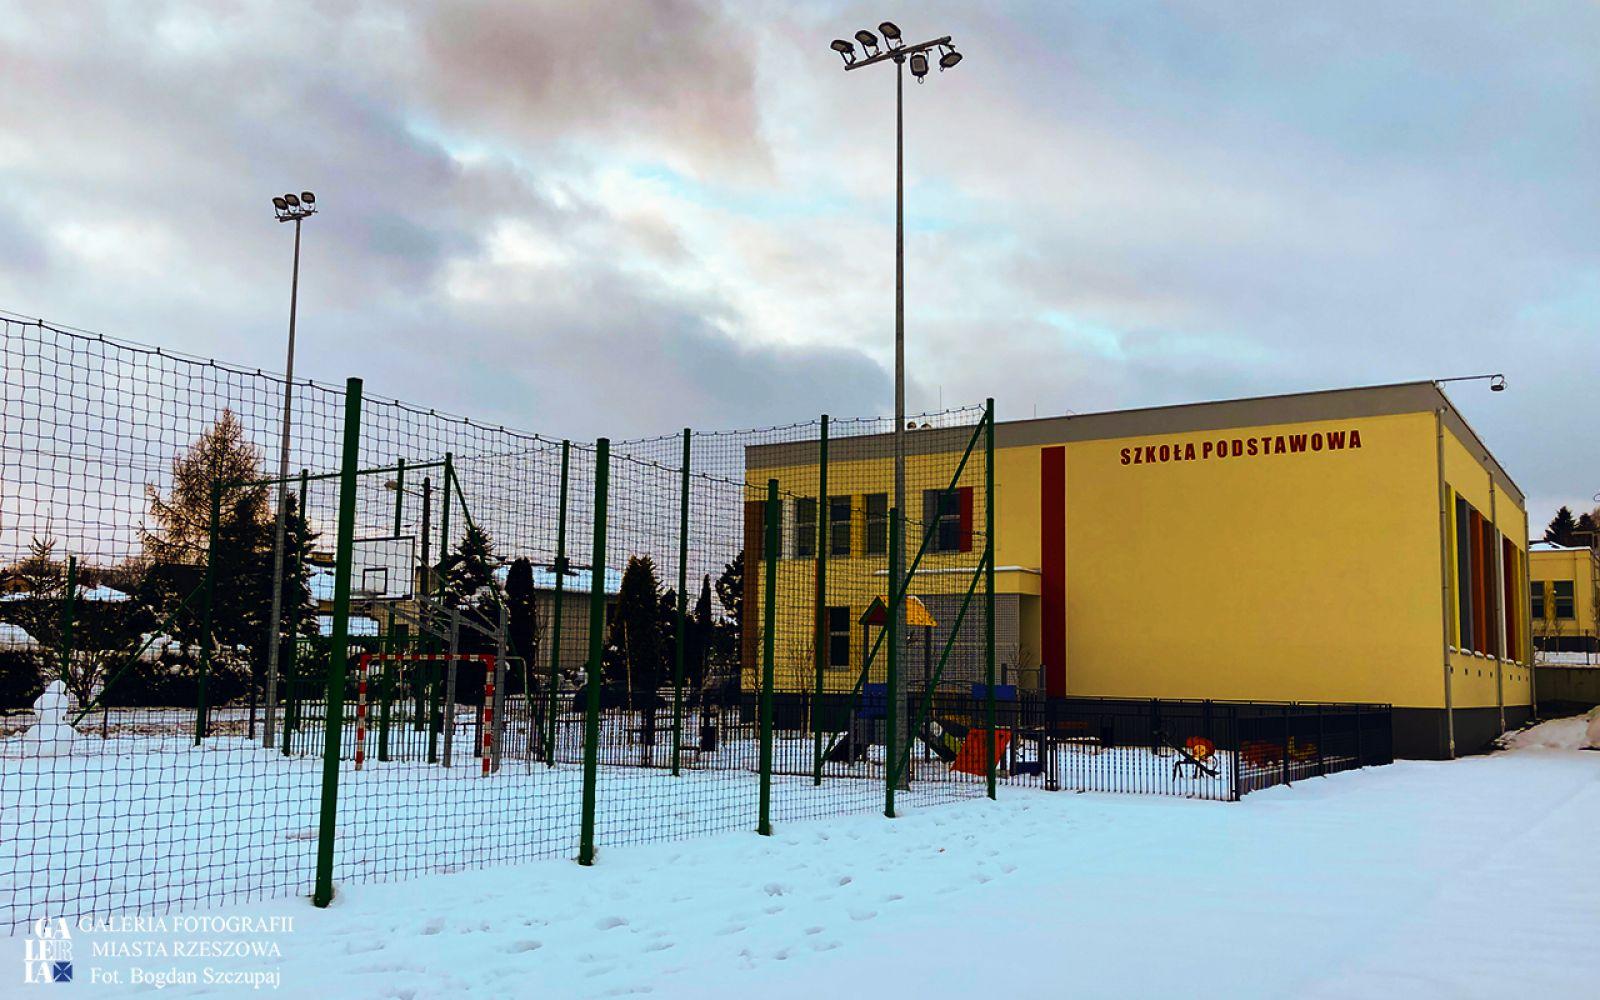 Zakończono przebudowę jednej ze szkół w Rzeszowie [ZDJĘCIA] - Zdjęcie główne